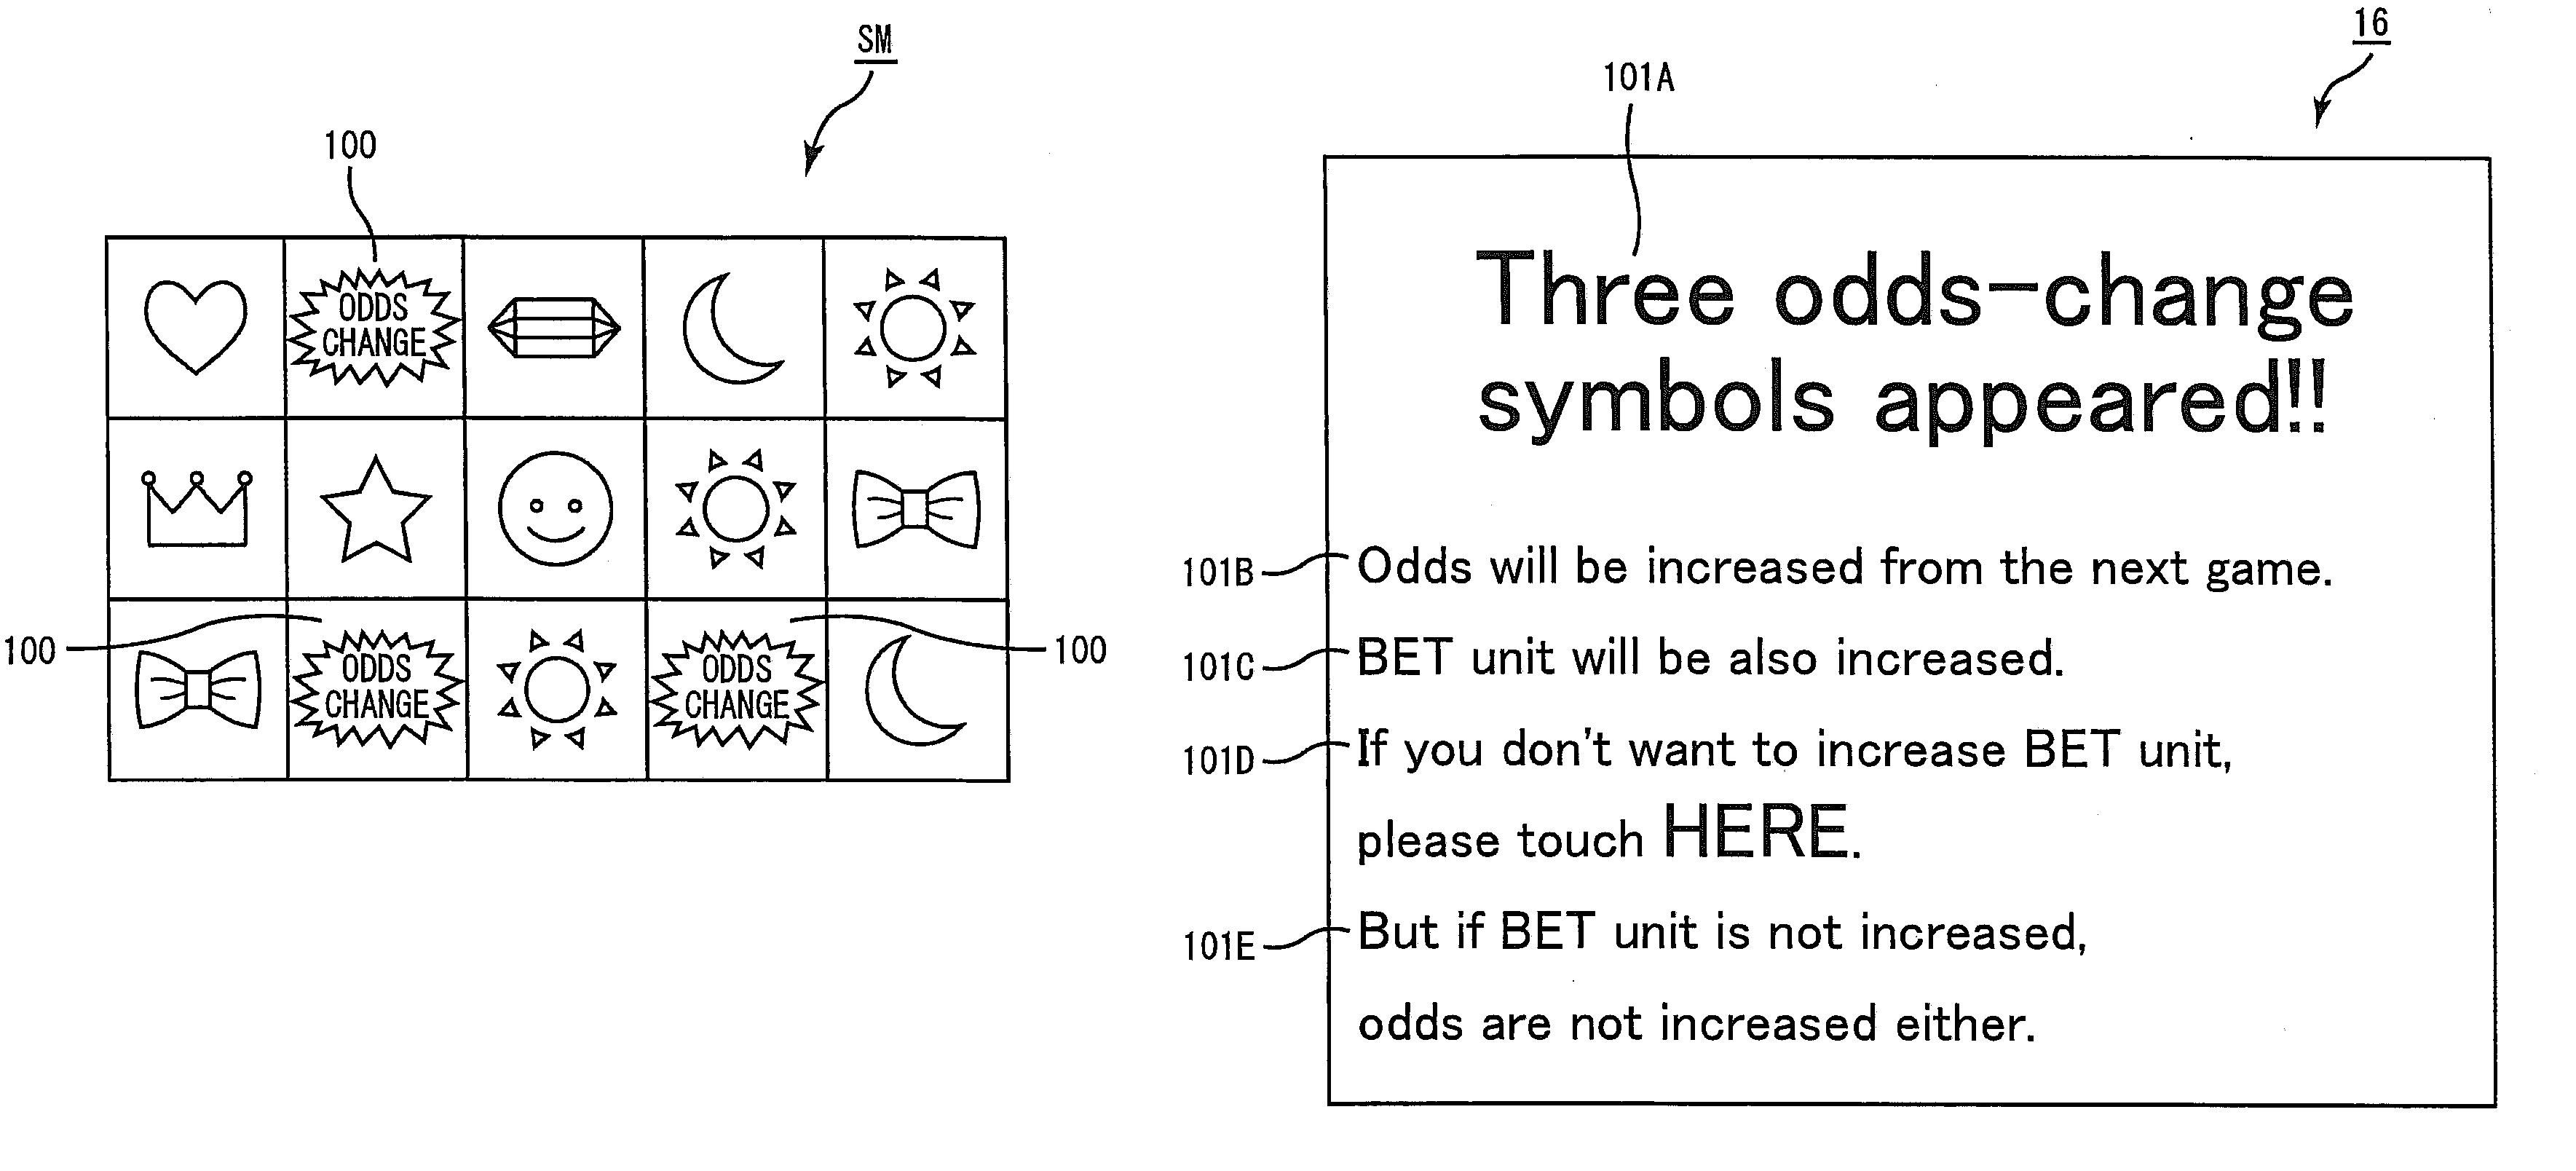 براءة الاختراع US20090239616 - Slot Machine Capable Of Changing Odds